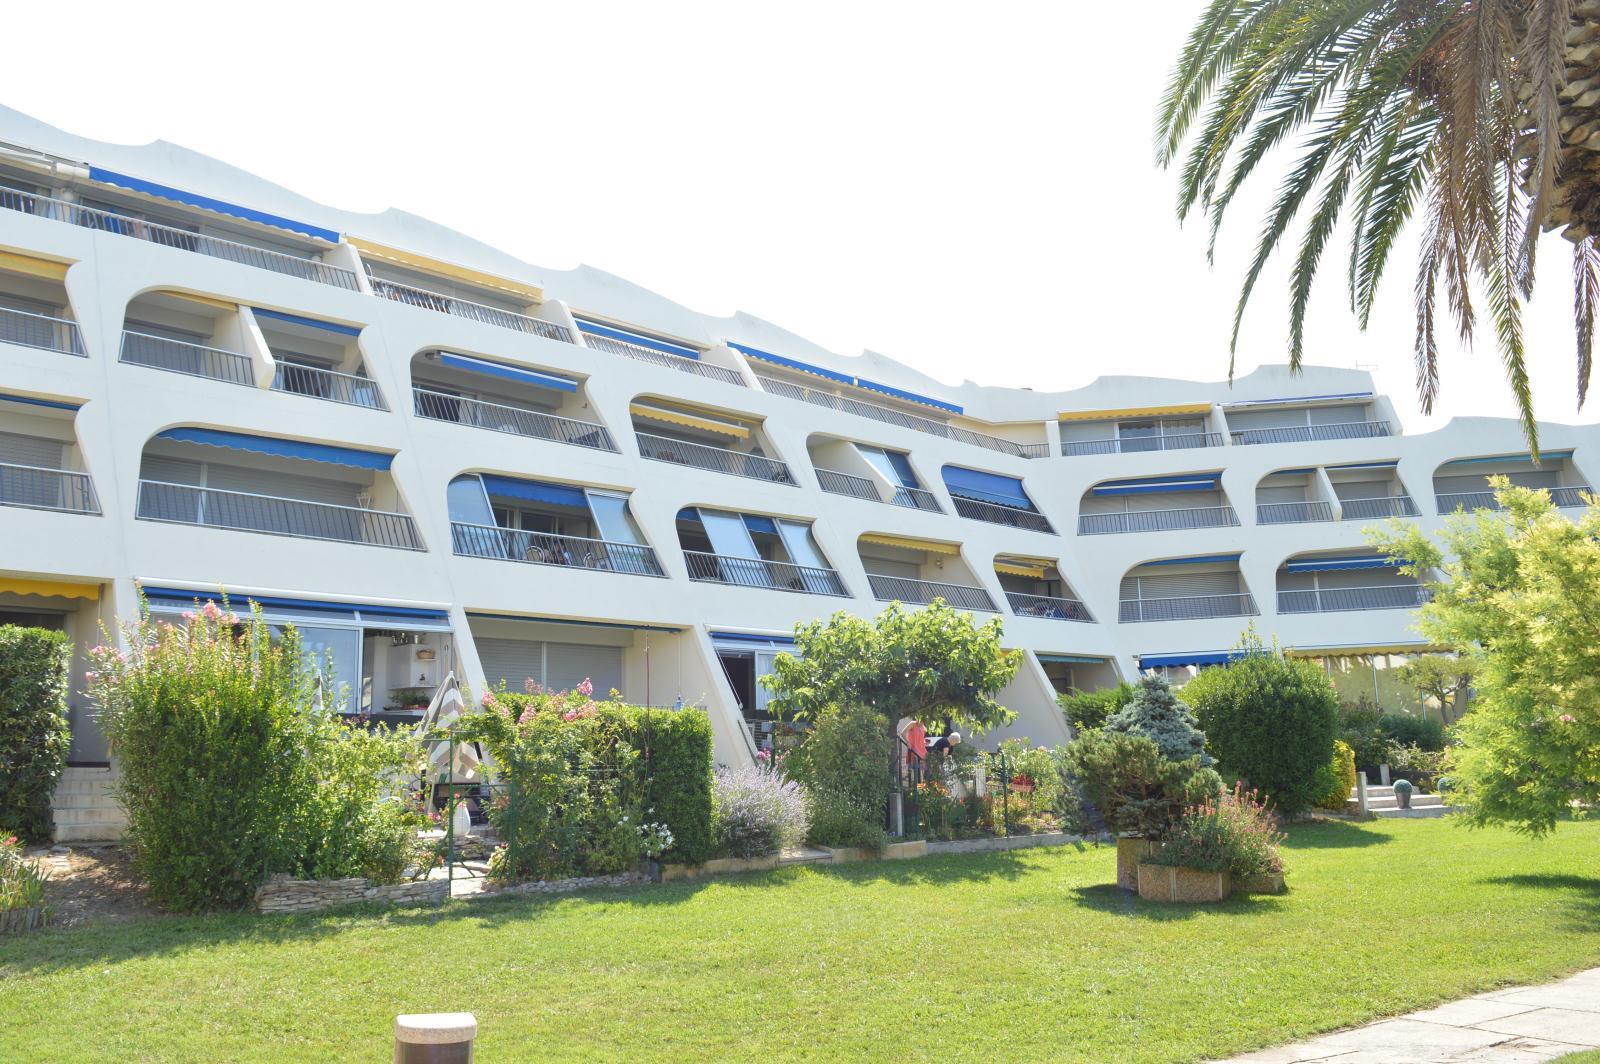 Location Les Jardins Du Port Location Vacances Port Camargue